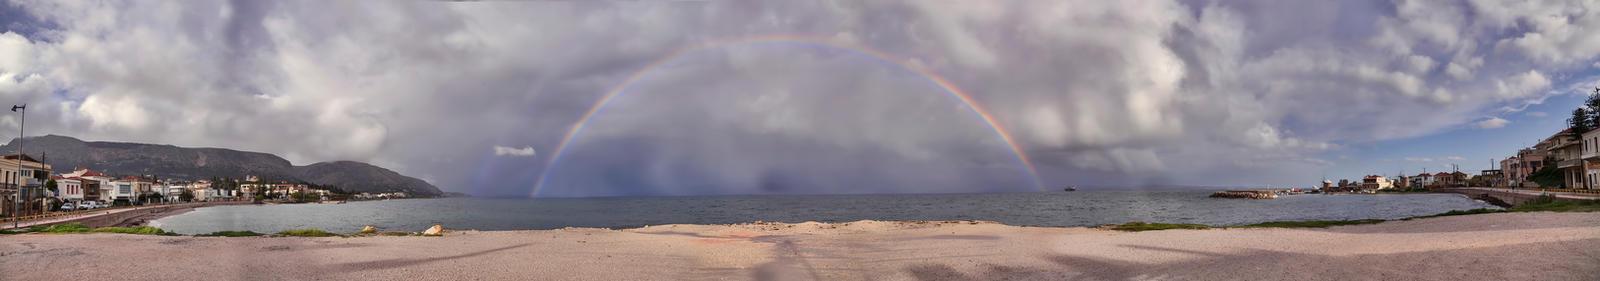 rainbow by whaeah